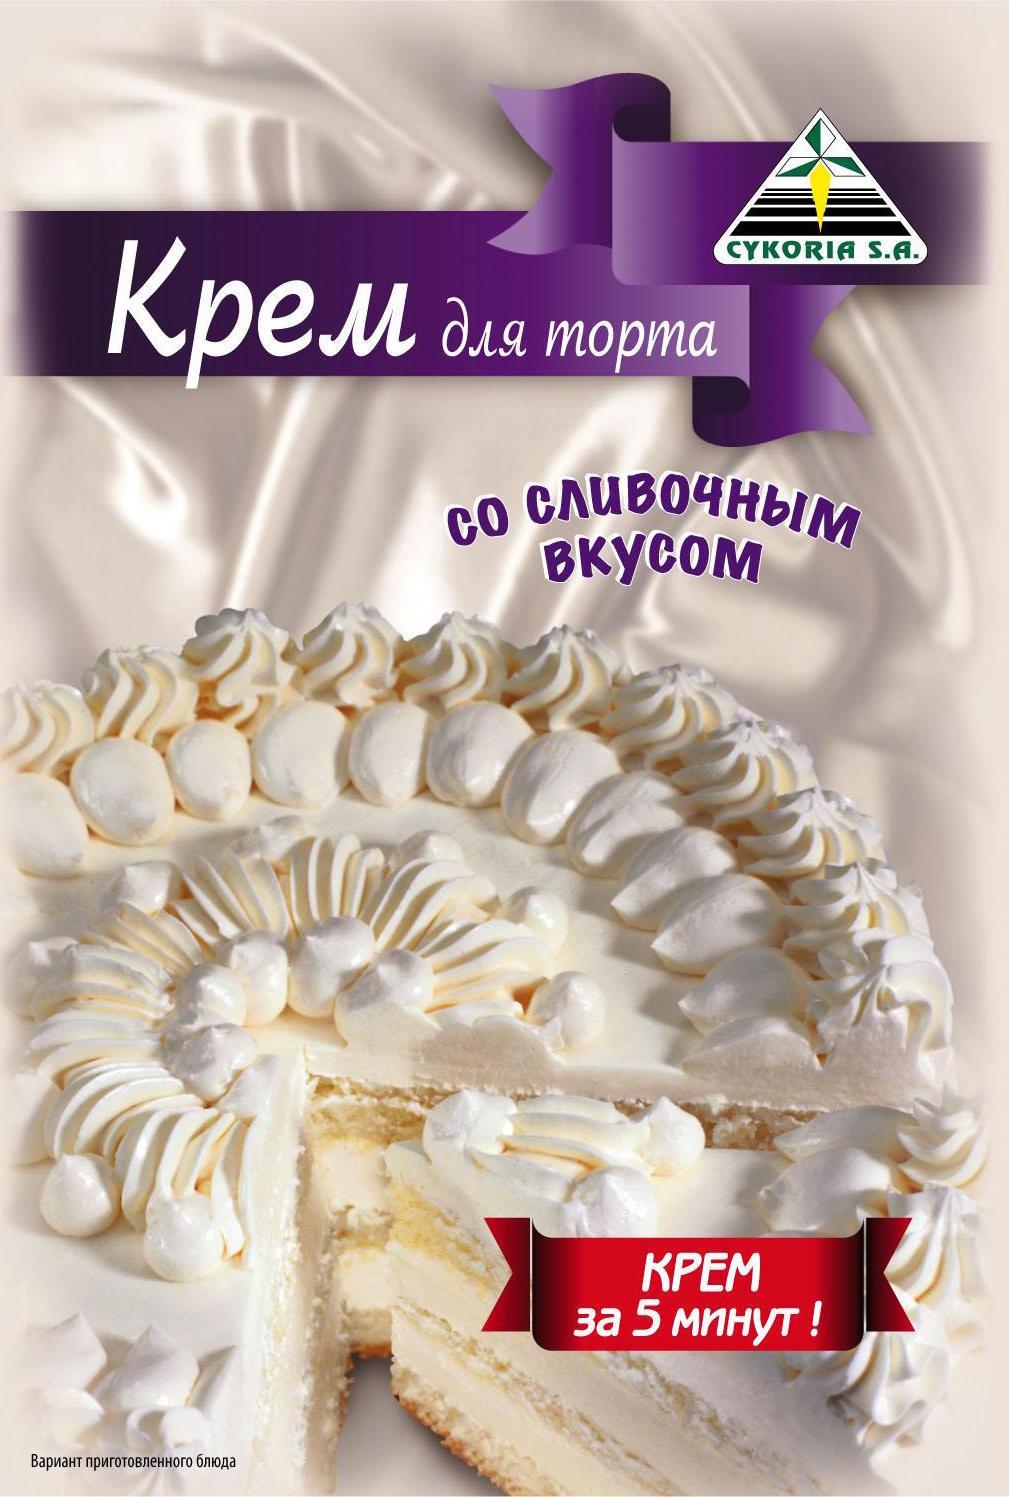 Крем для торта со сливочным вкусом, 100 гр.